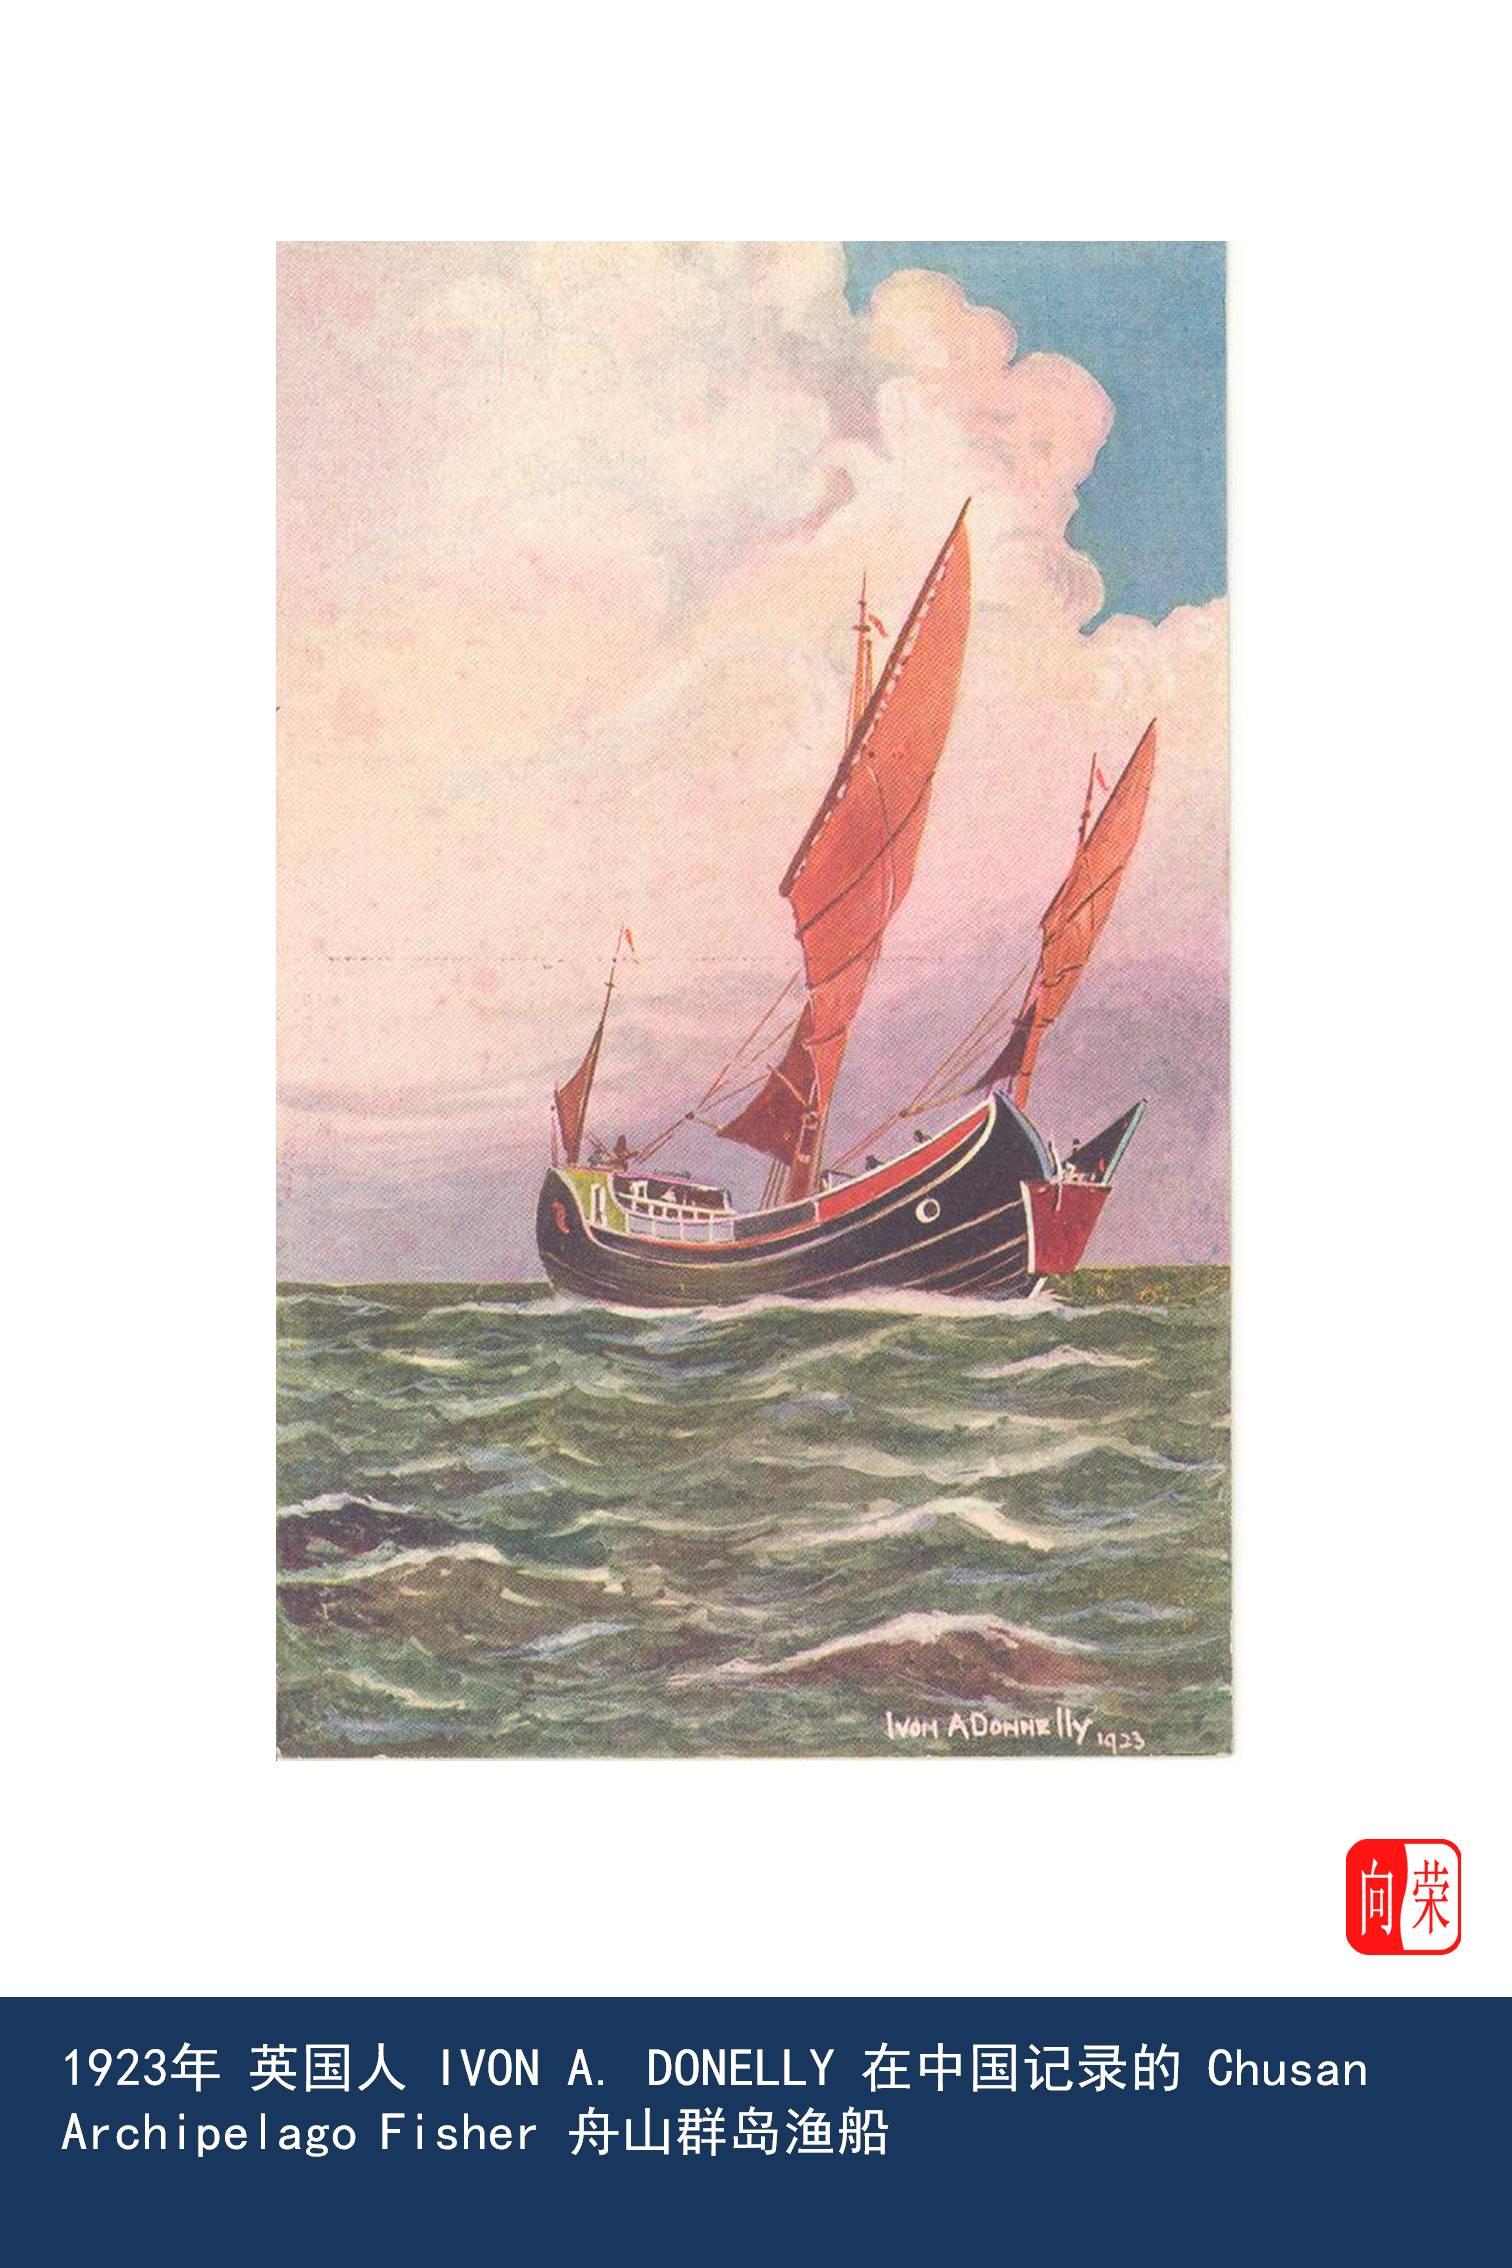 中华文化,旅行社,香港大学,南海诸岛,帆船运动 《中式帆船古为今用》展览,让老邝带你看中式帆船! Slide7.JPG